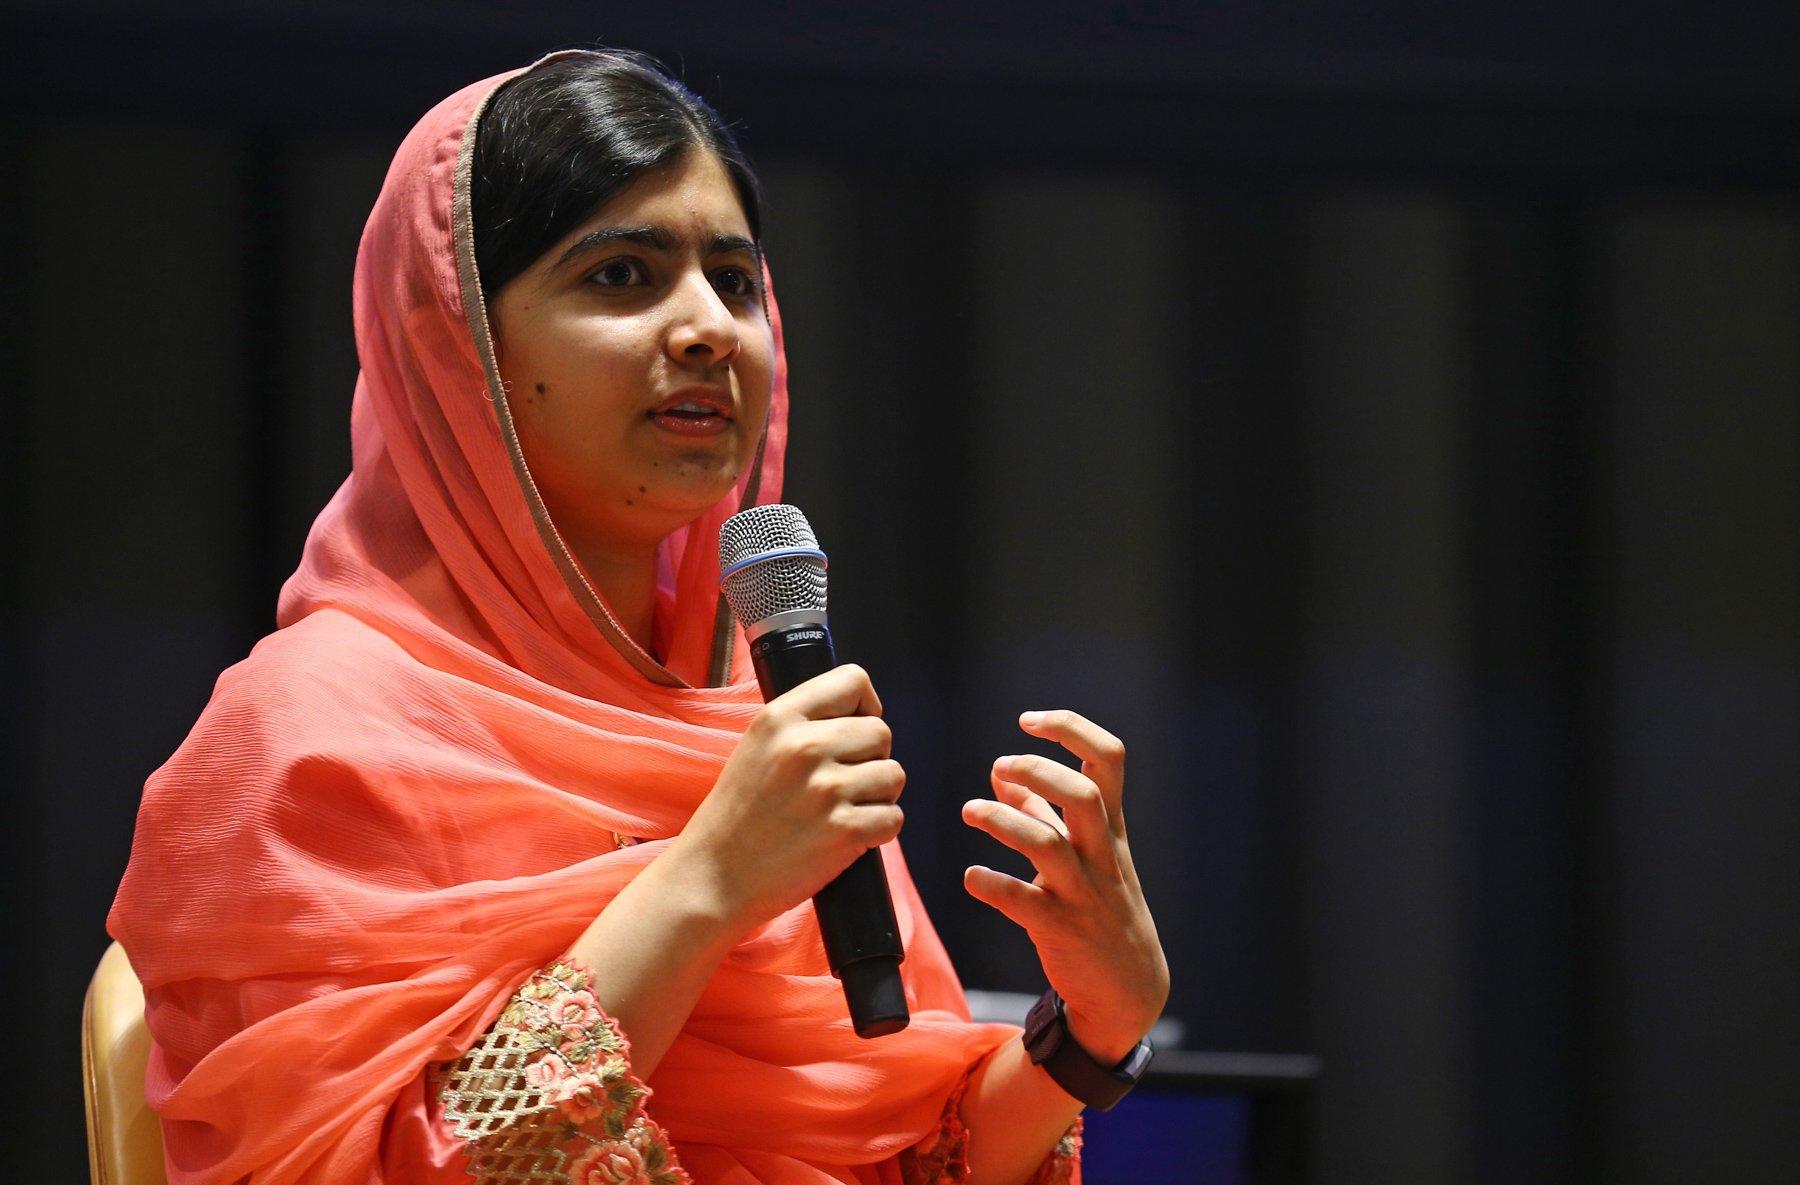 Нобелевский лауреат Малала Юсуфзай поступила вОксфорд